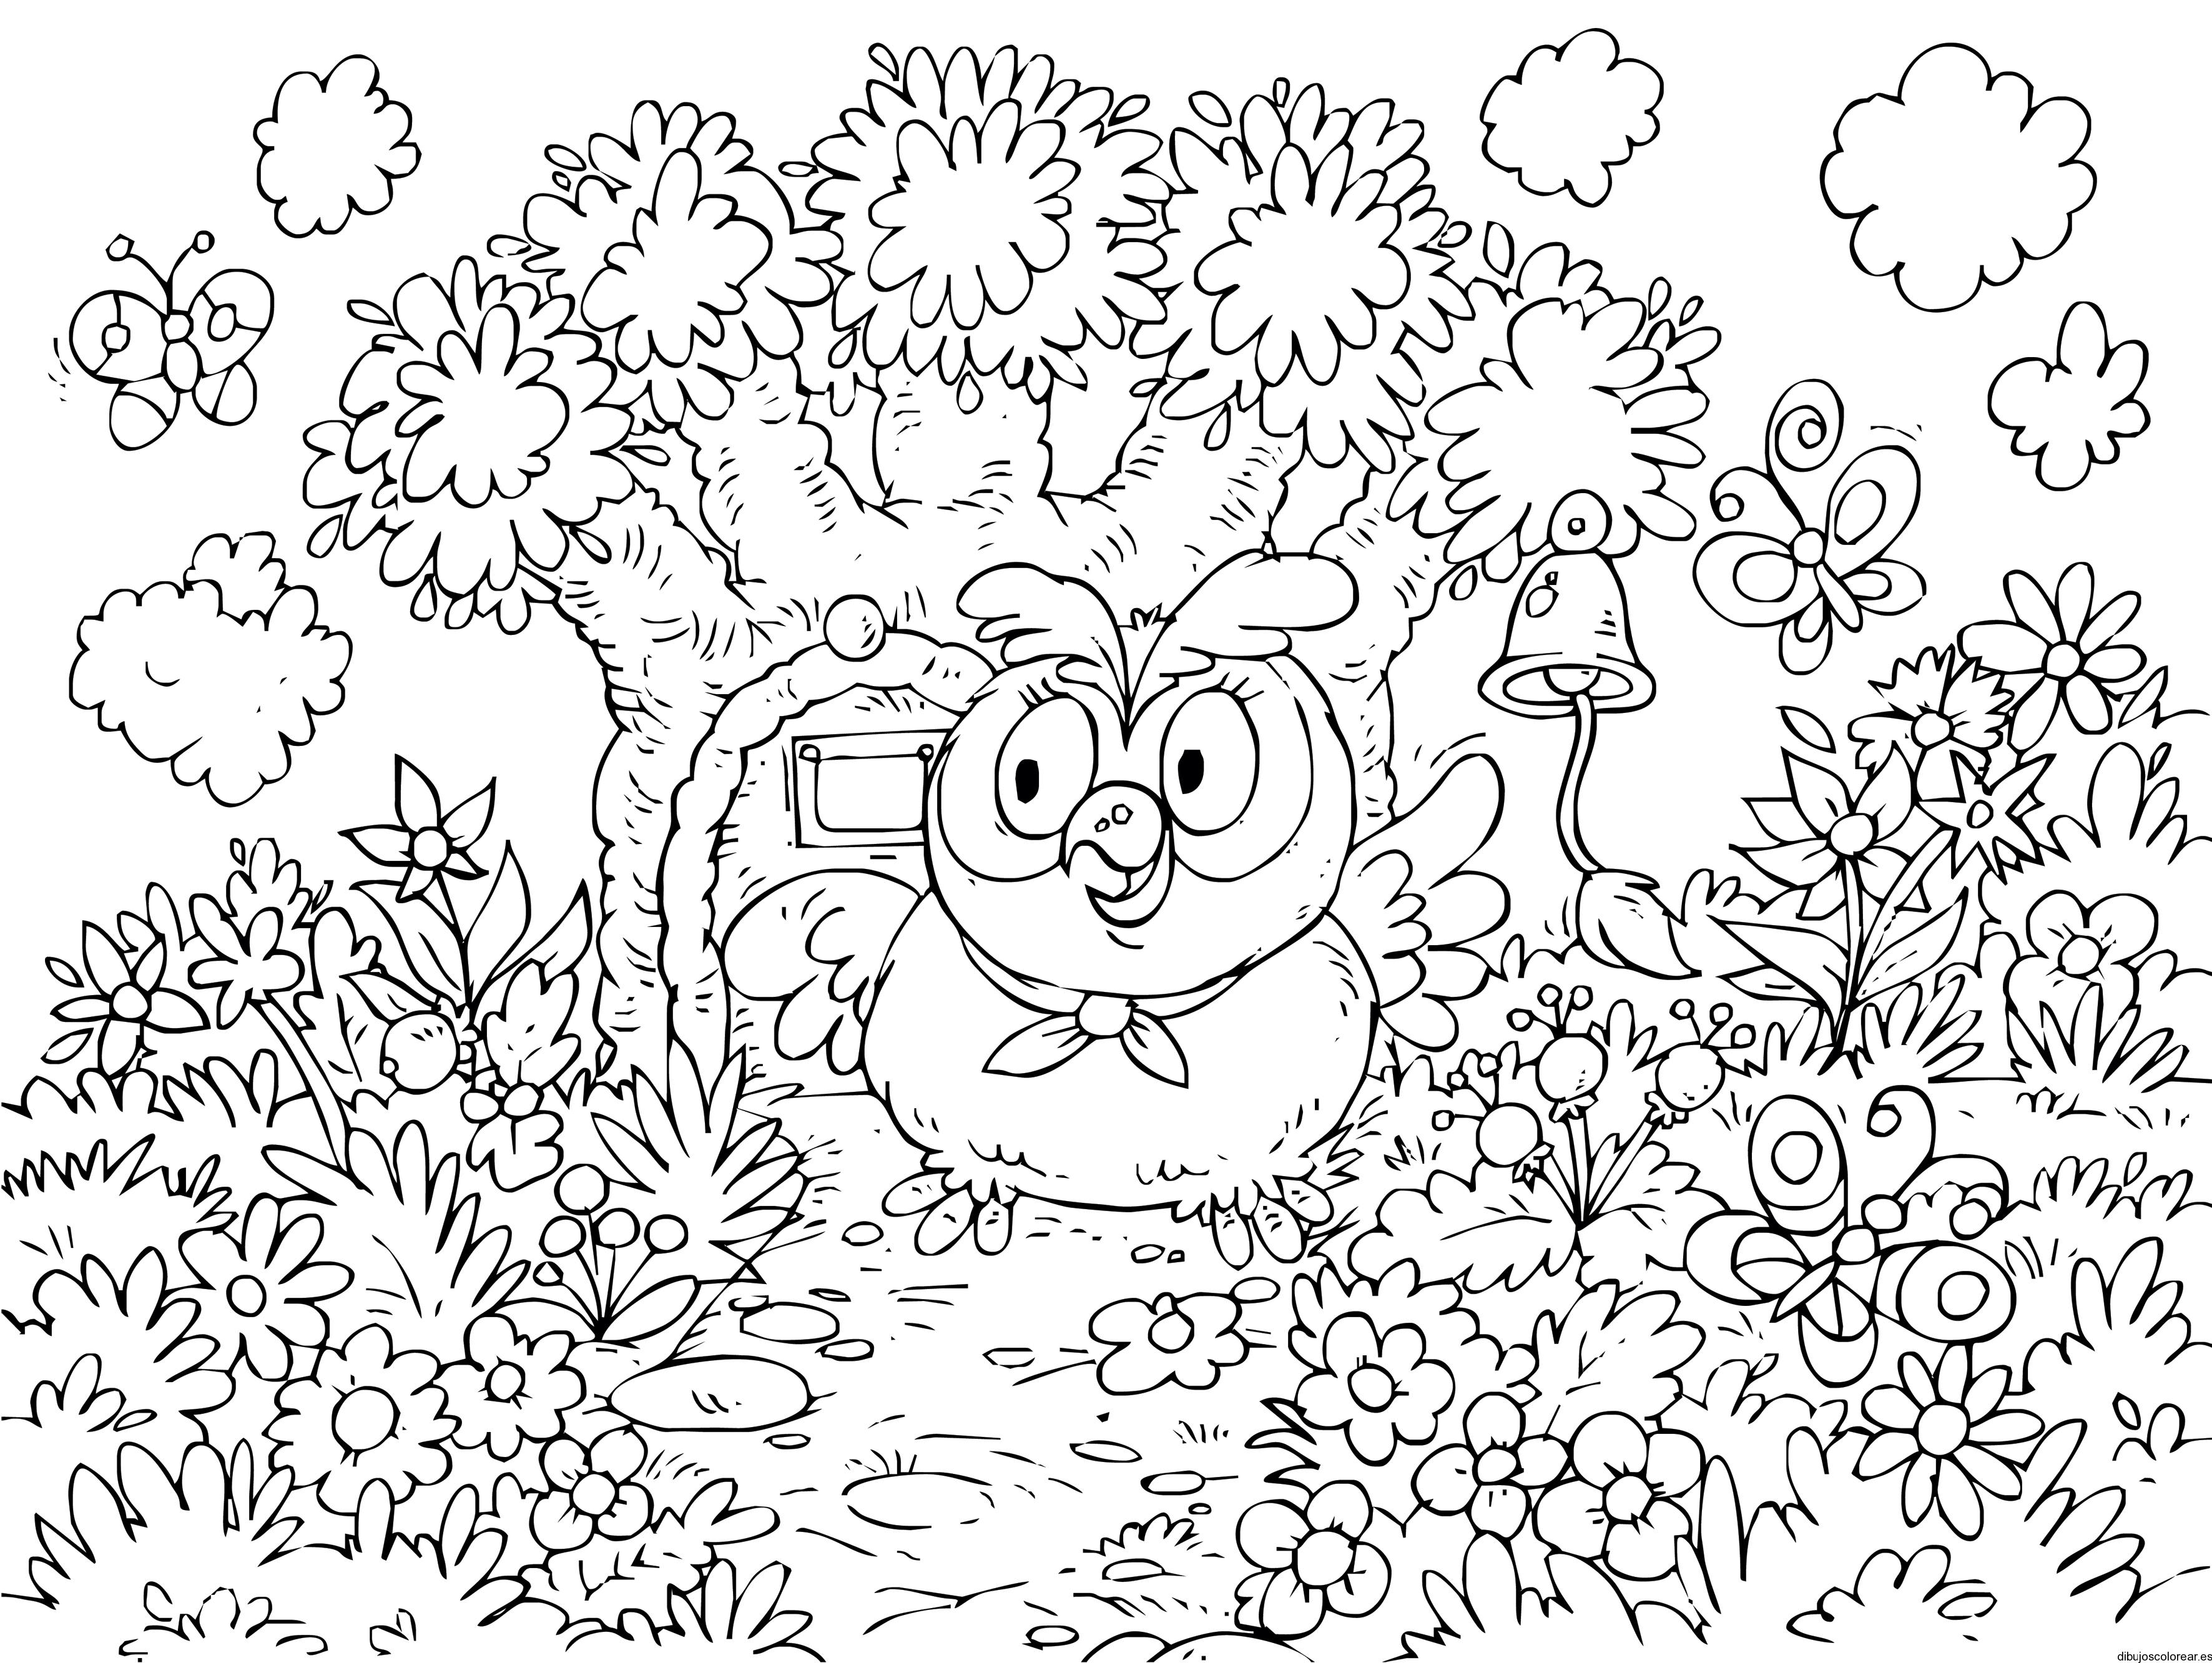 Dibujo de un búho en su casa